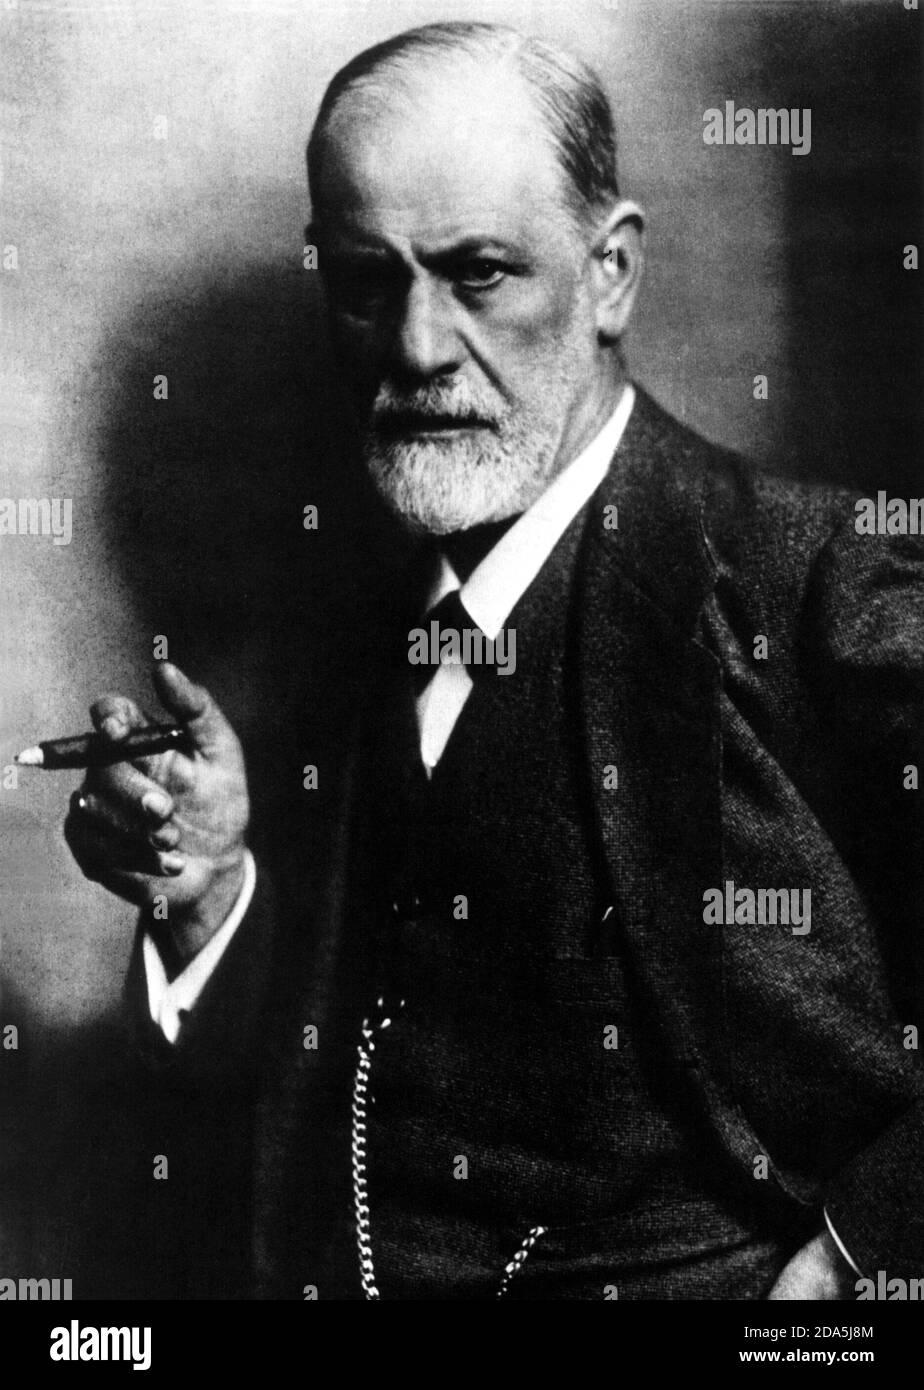 1915 , AUSTRIA : The austrian father of psychoanalysis  SIGMUND FREUD (  1856 -  1939 ) - PSYCHOANALYST - PSICANALISTA - PSICOANALISTA - PSICANALISI - PSICOANALISI - ebreo - jewish -  sigaro - cigar - fumo - fumatore - smoke - smoker - personalità che fuma - celebrity - personality - RITRATTO - PORTRAIT - collar - colletto - tie - cravatta papillon - barba bianca - white beard - uomo anziano  vecchio - older old ancient man - SCIENZIATO - SCIENTIST - genio - genius - catena orologio - chain clock - anello - ring - stempiato - stempiatura - thinning at the temples  ----  Archivio GBB Stock Photo